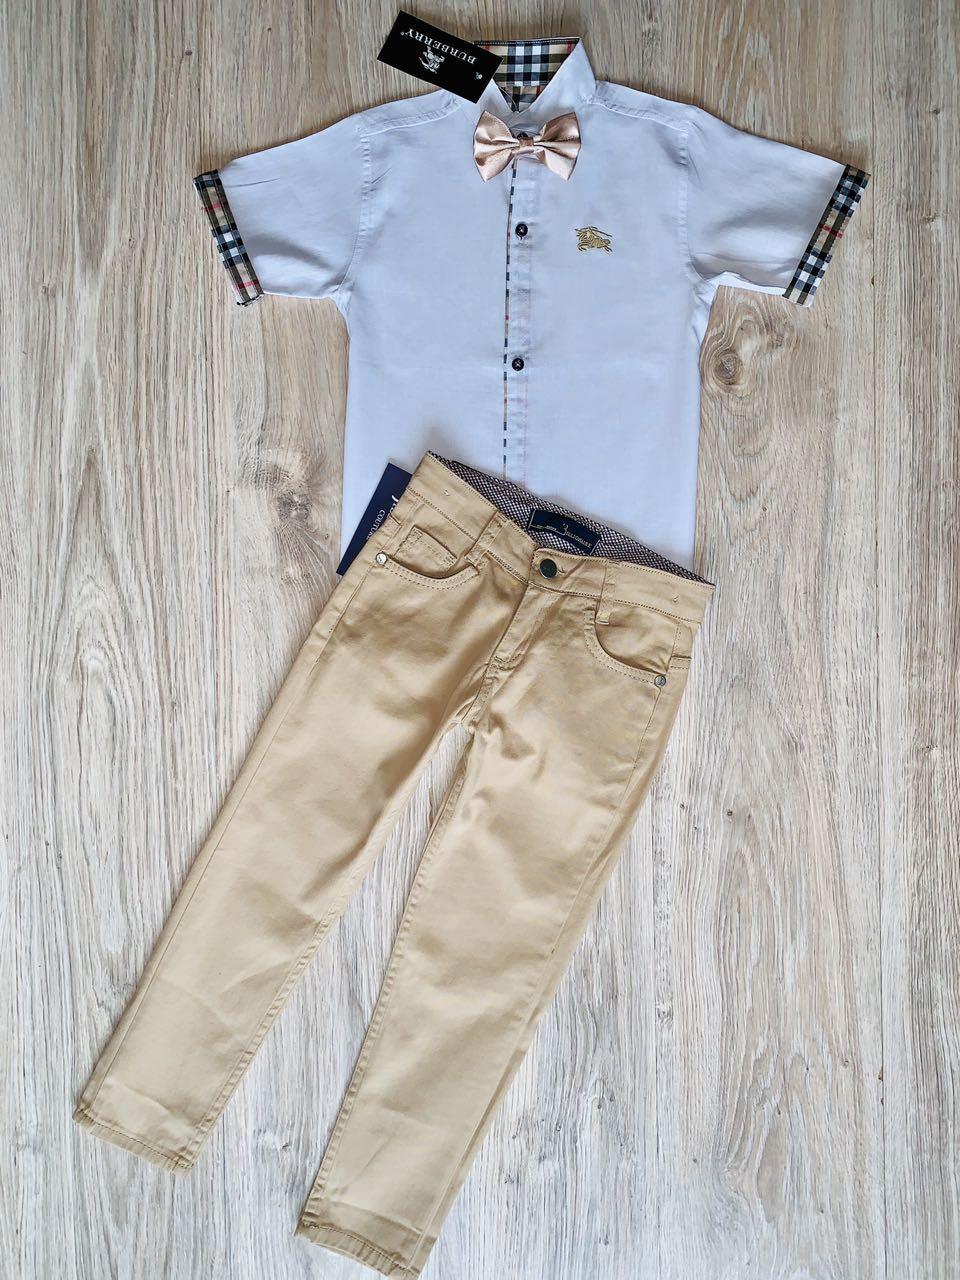 Нарядный костюм на выпускной рост 152-158см: белая рубашка Burberry и бежевые брюки Billionaire